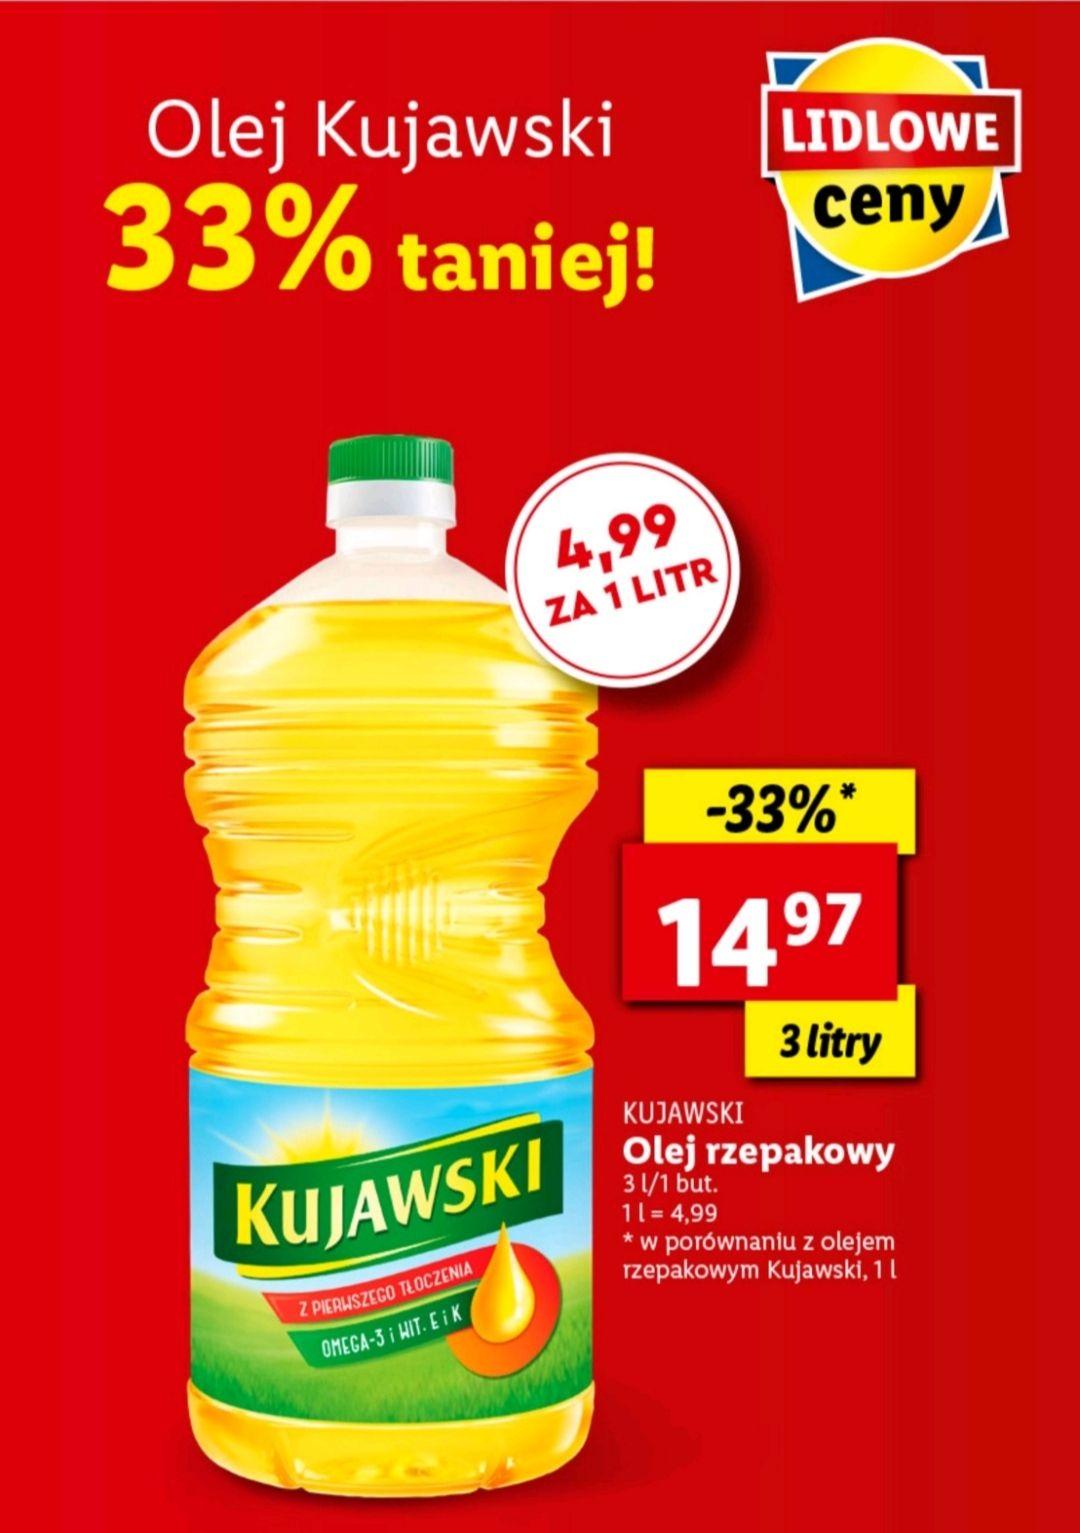 Olej Kujawski rzepakowy 3L Lidl